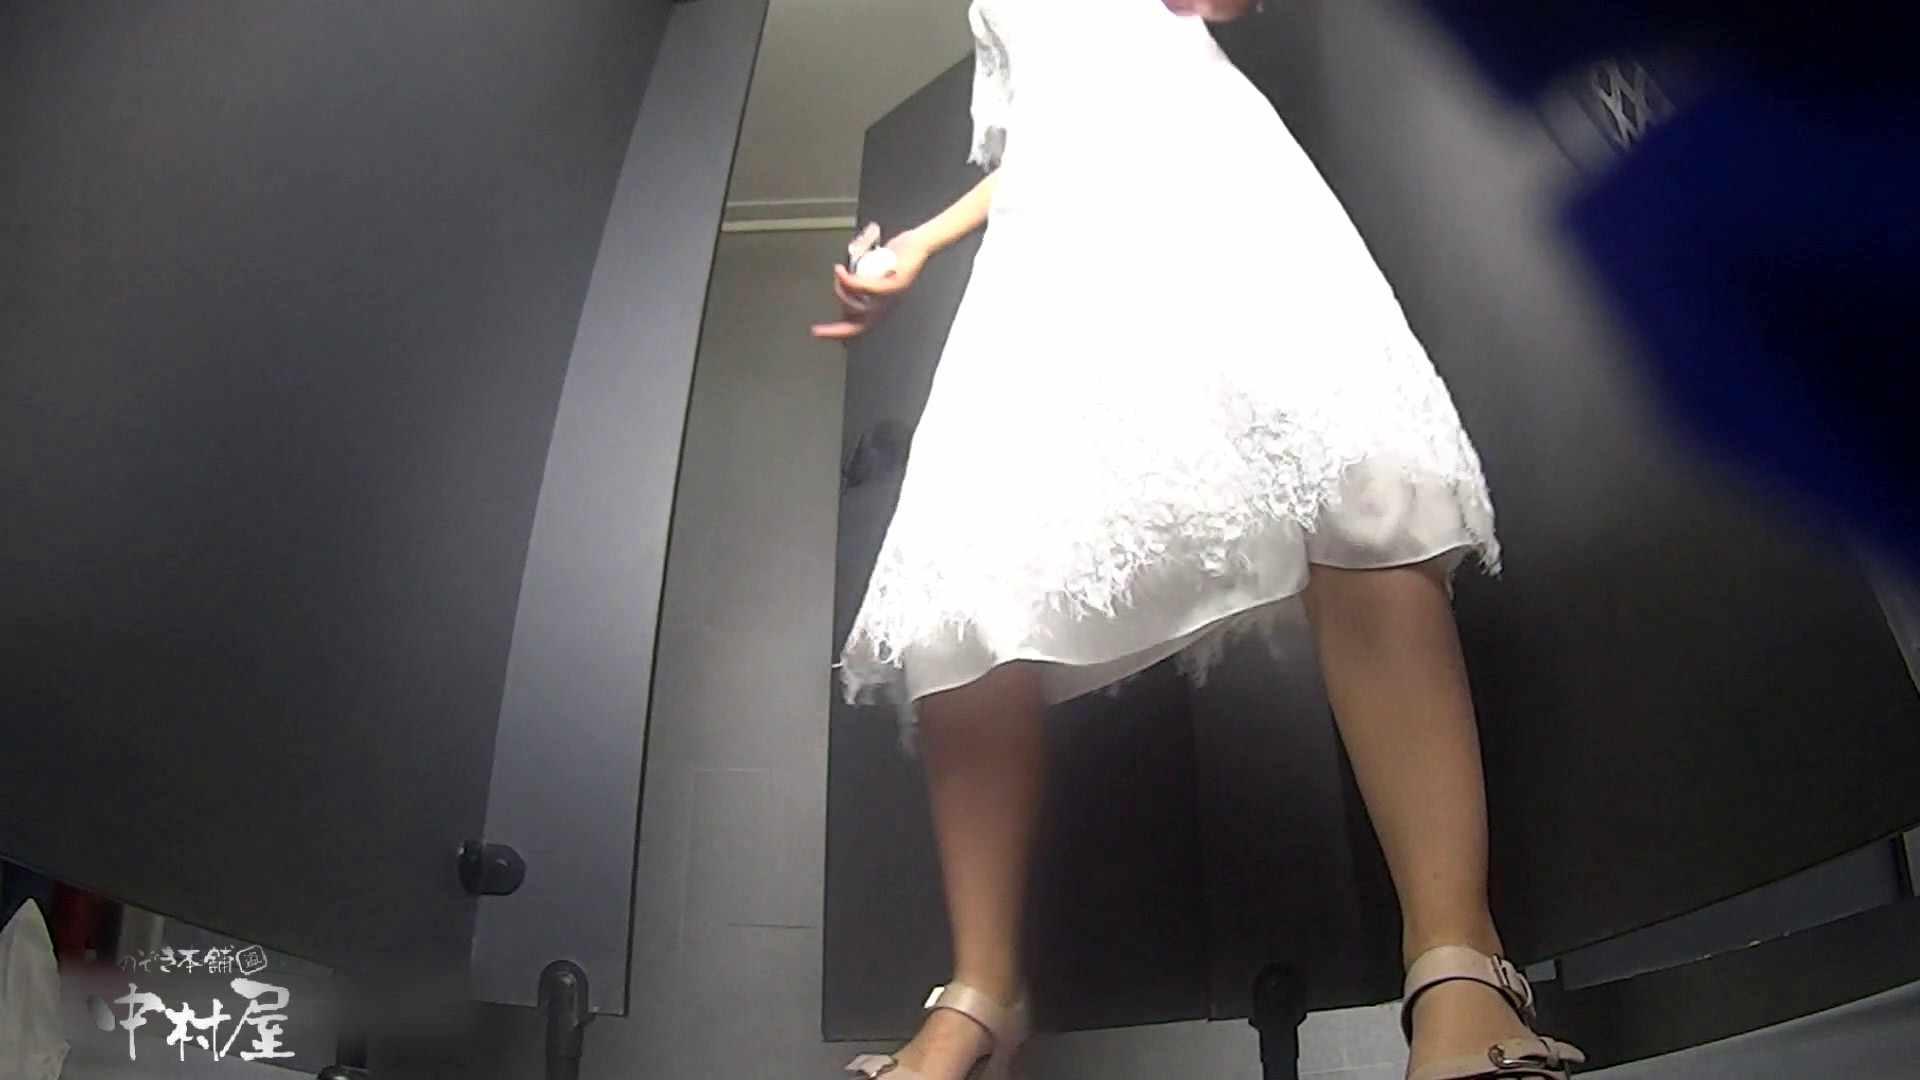 ツンデレお女市さんのトイレ事情 大学休憩時間の洗面所事情32 超エロお姉さん   トイレ  90枚 51